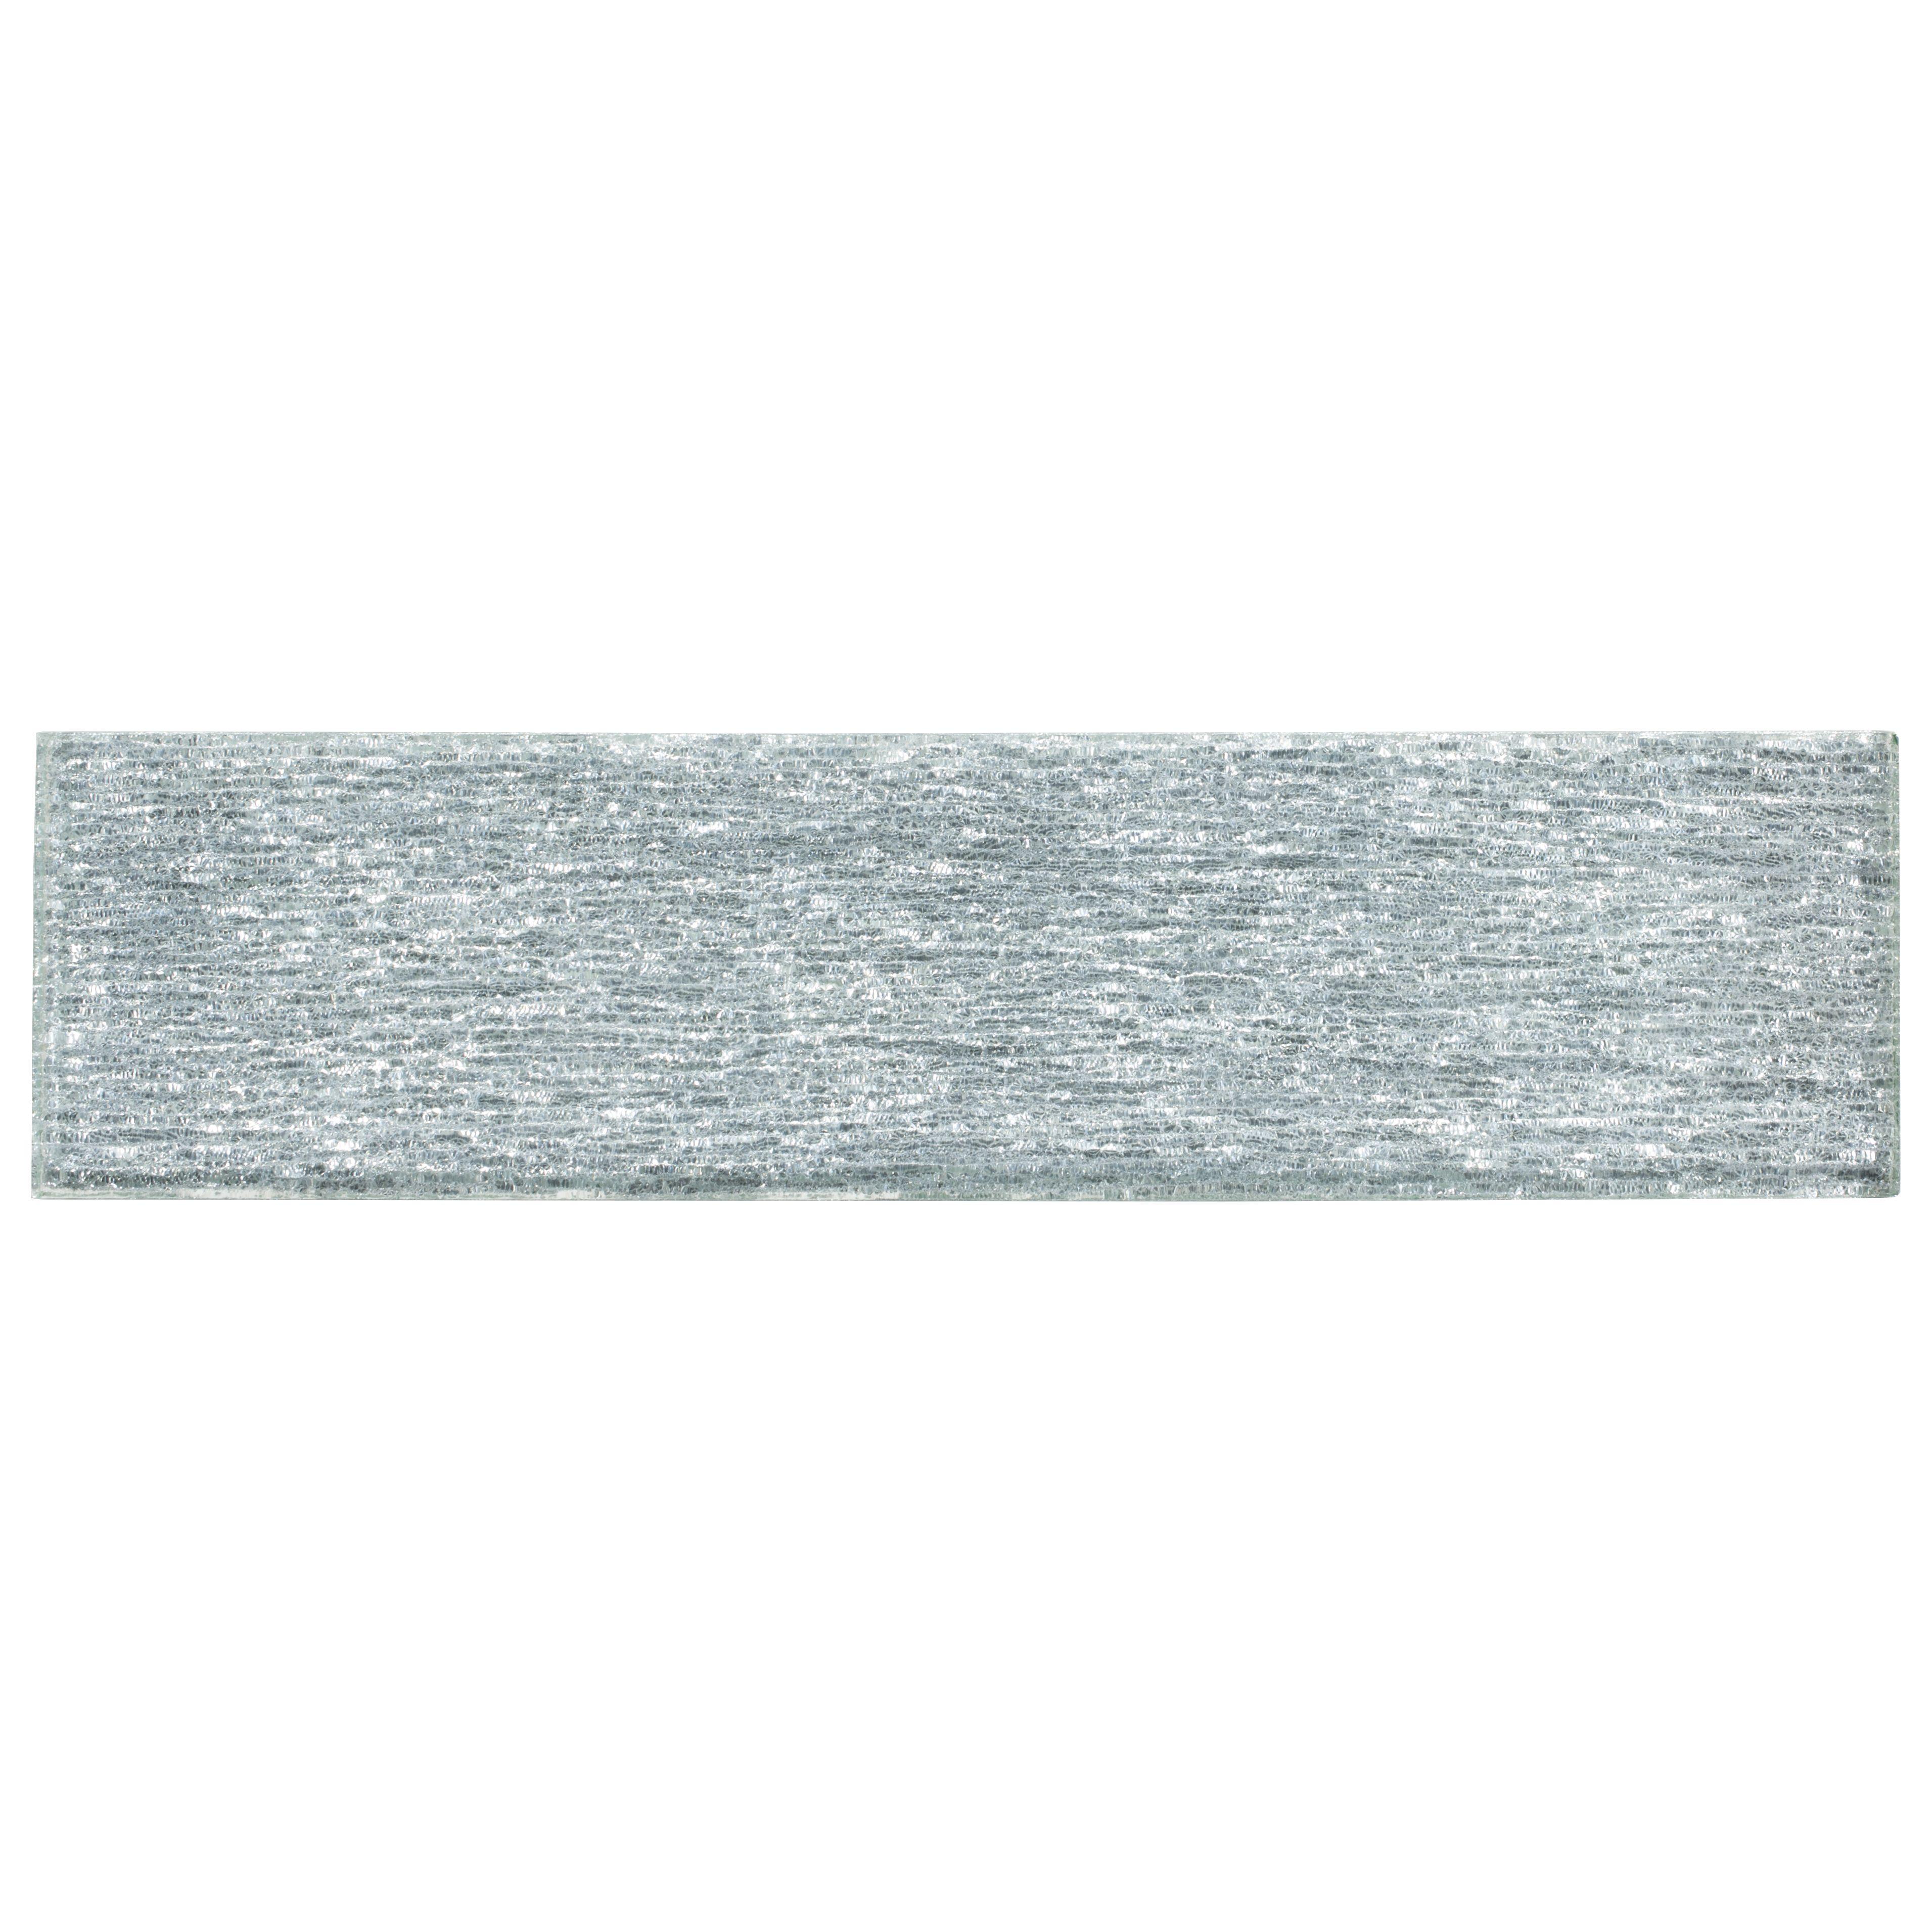 Electra Glass Wall Tile Floor Decor Wall Tiles Glass Tile Glass Wall